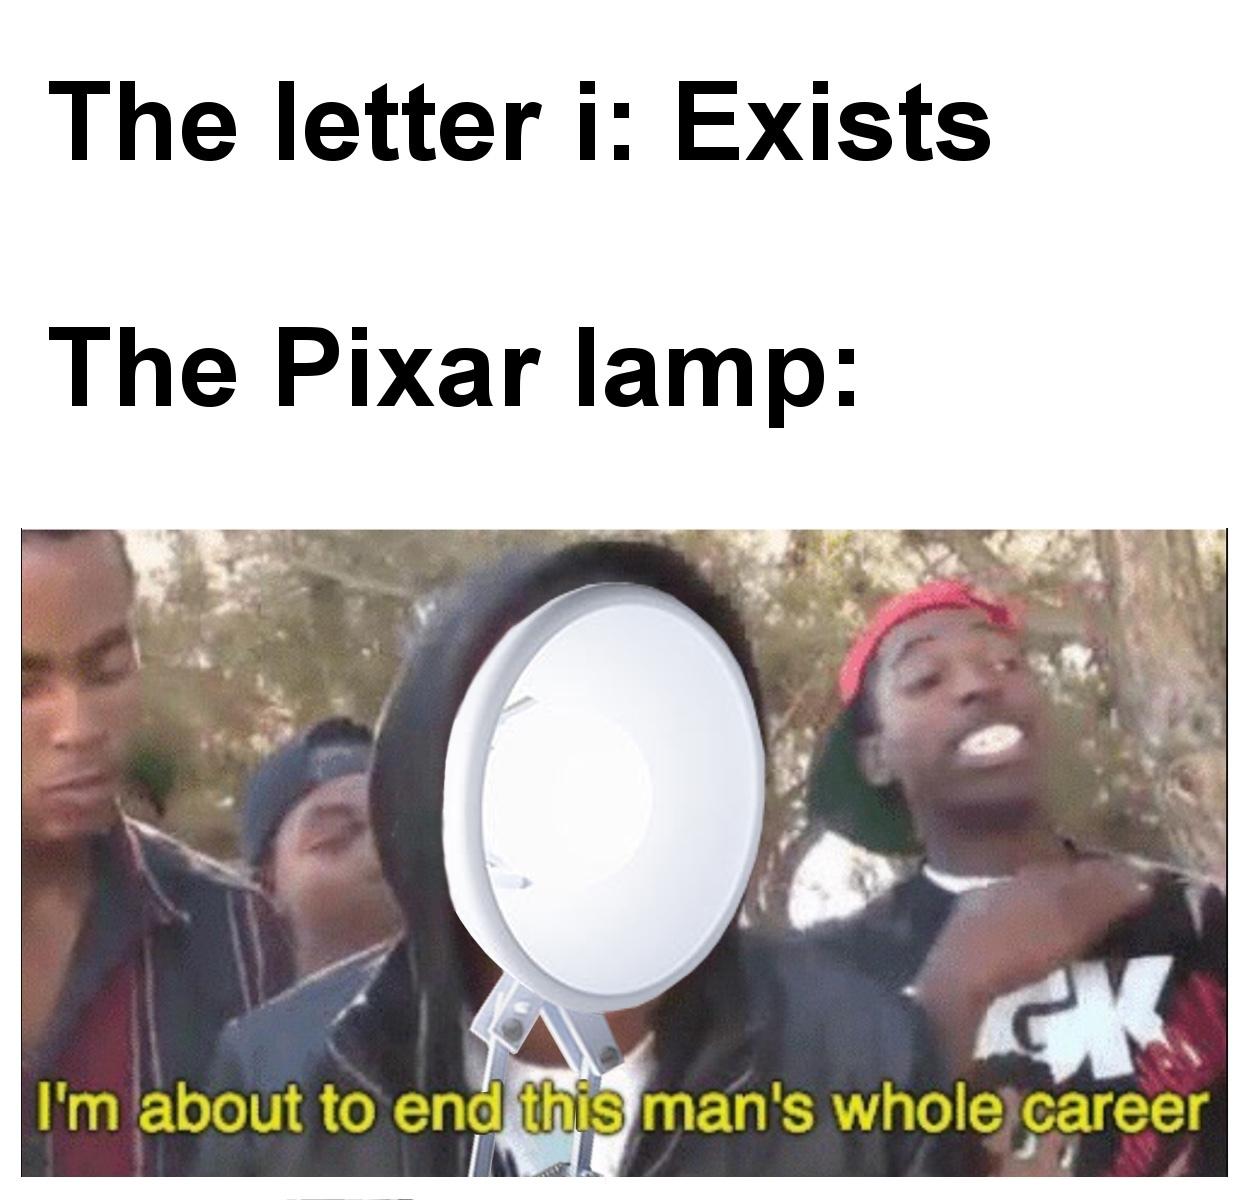 exam day today, I am bricking it - meme